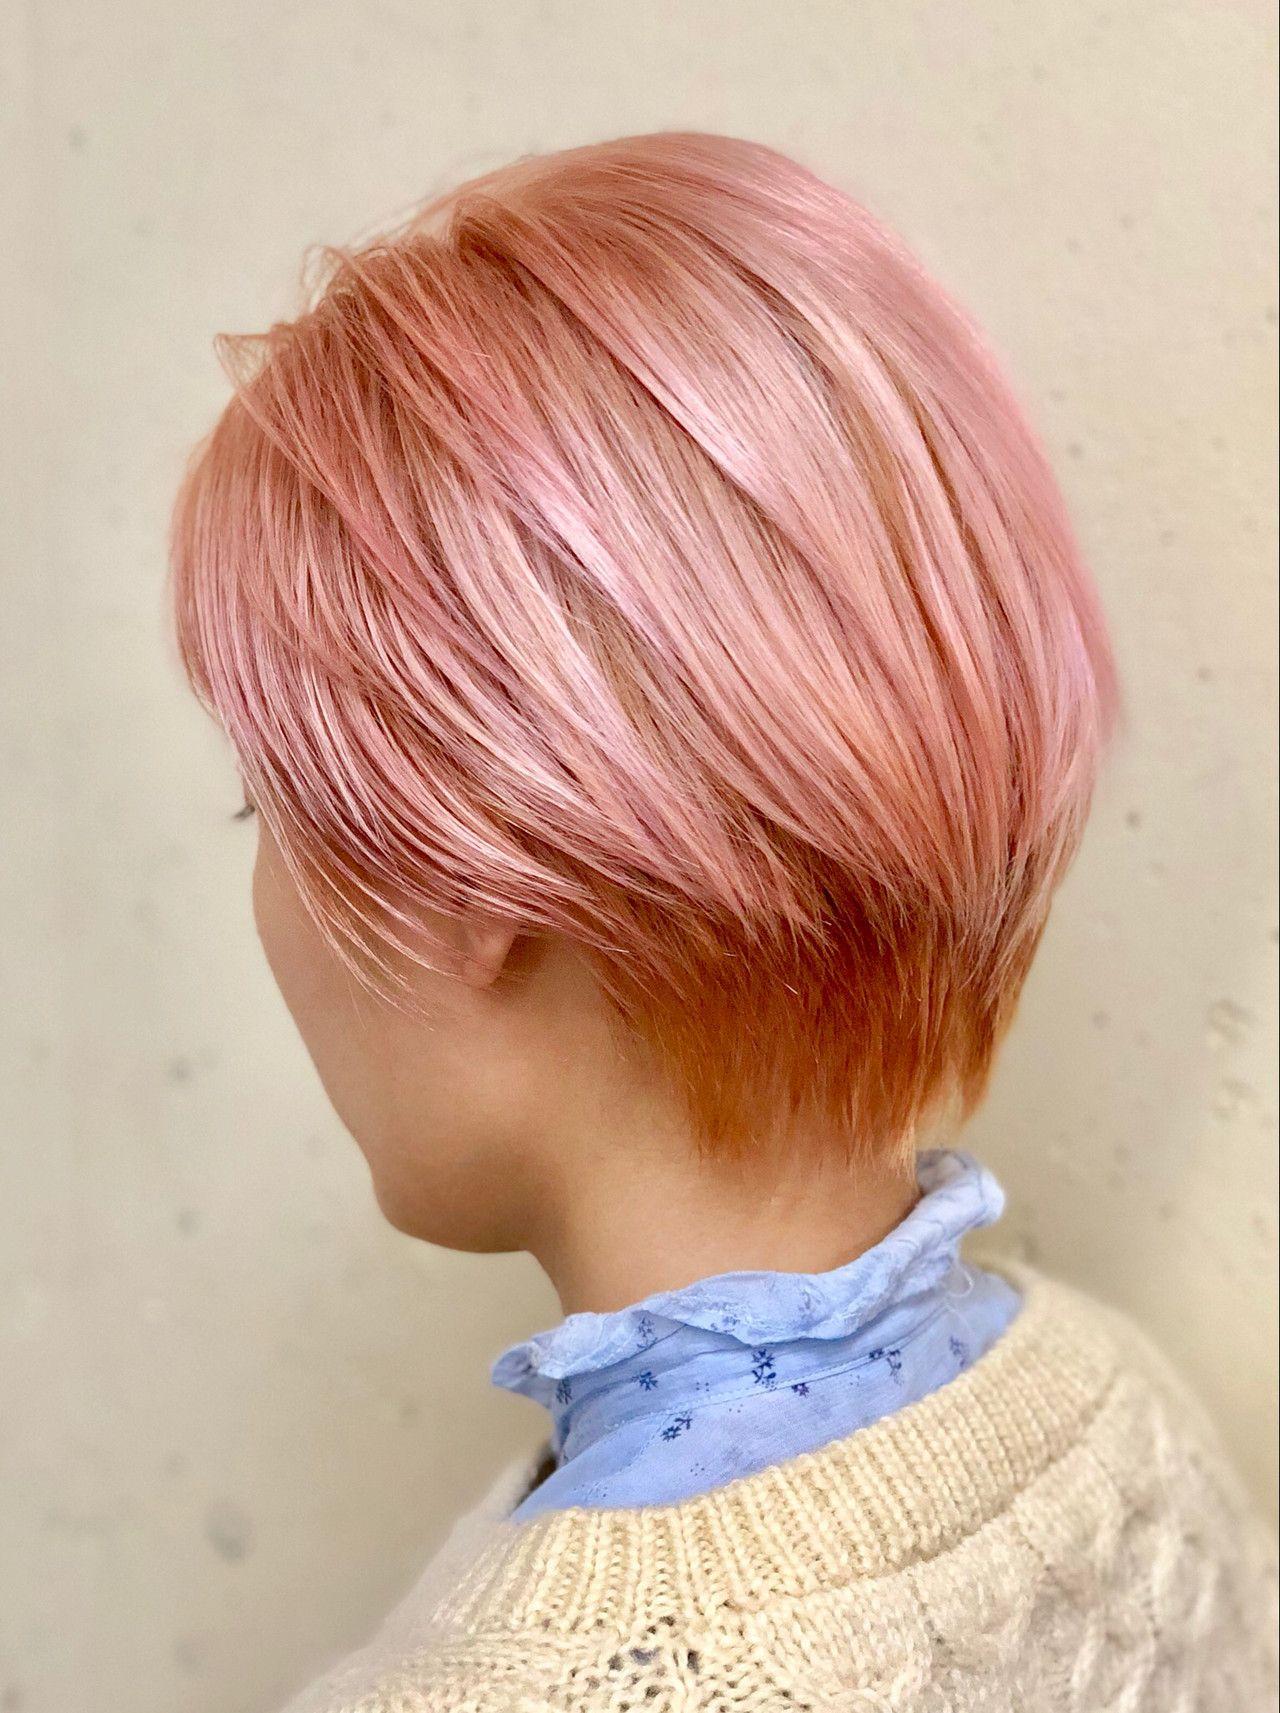 ピンクベージュヘアカラーでモテ髪に ブリーチありなしも比較 ヘアスタイリング ピンクベージュ ヘアカラー ベージュヘアカラー